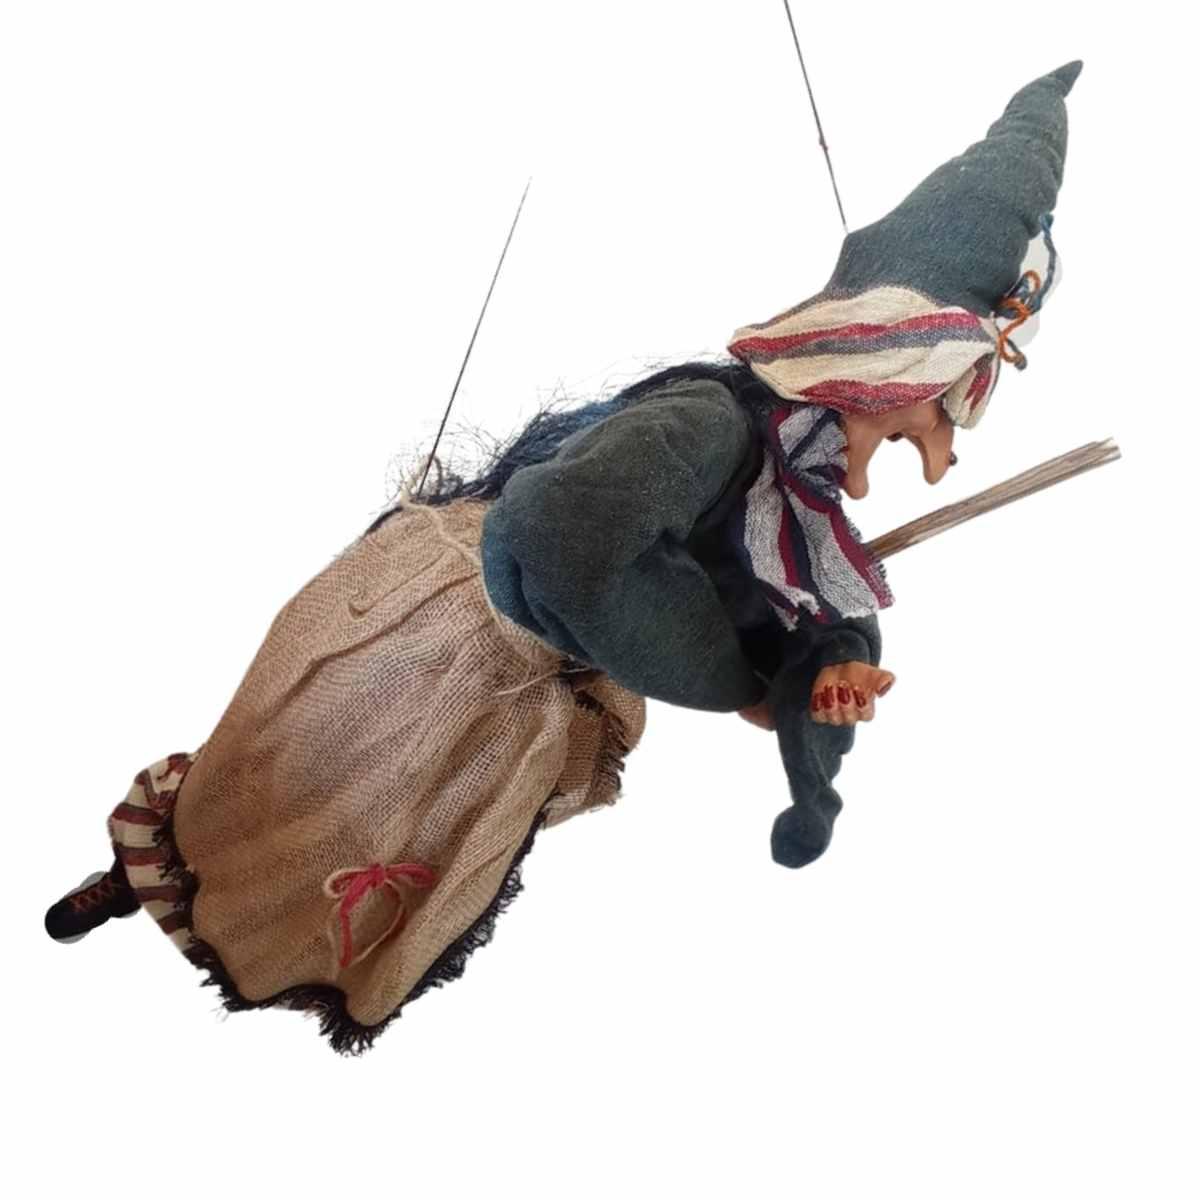 Bruxa Voando com Vassoura 1,00M